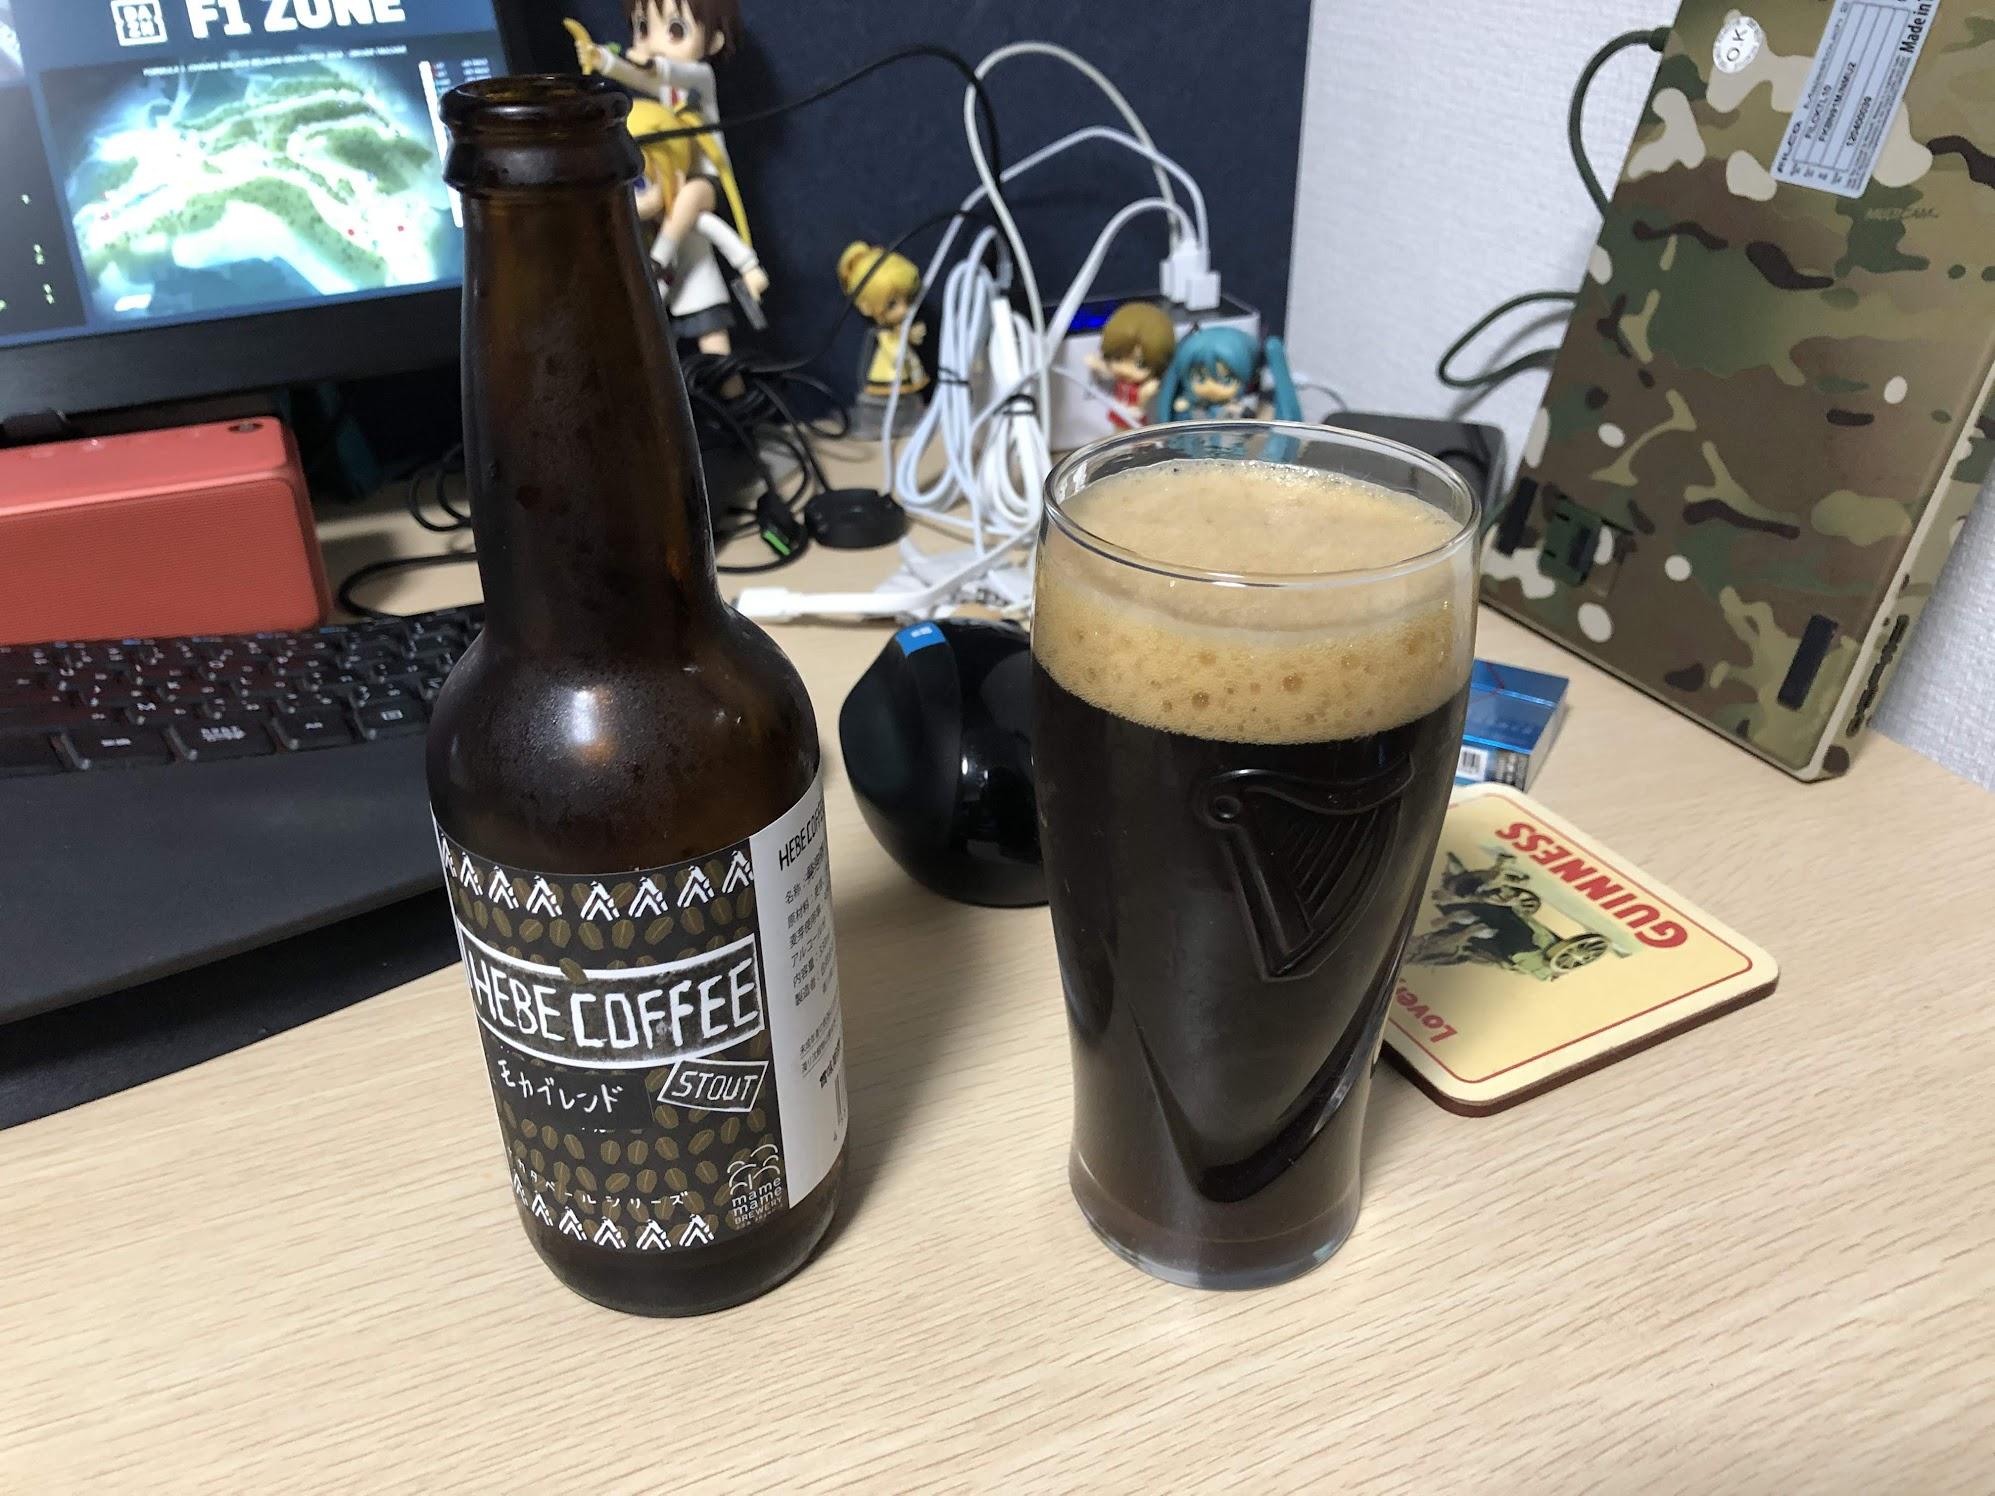 地ビールを飲もう - まめまめびーる HEBE COFFEE STOUT